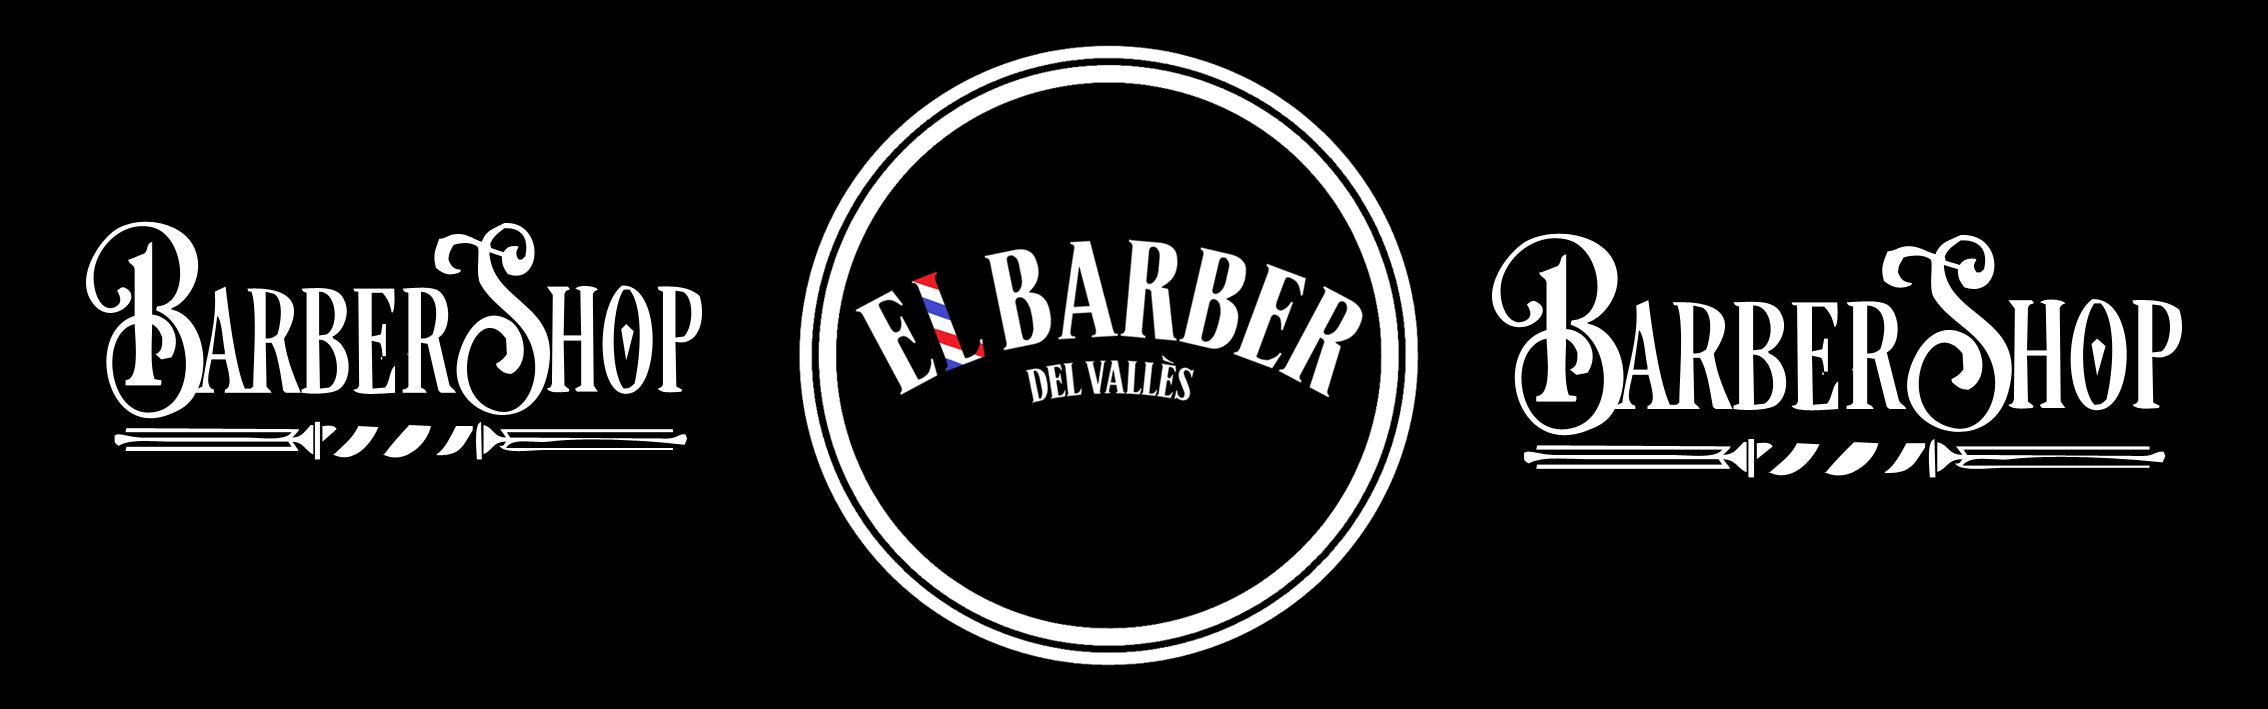 EL BARBER DEL VALLÉS